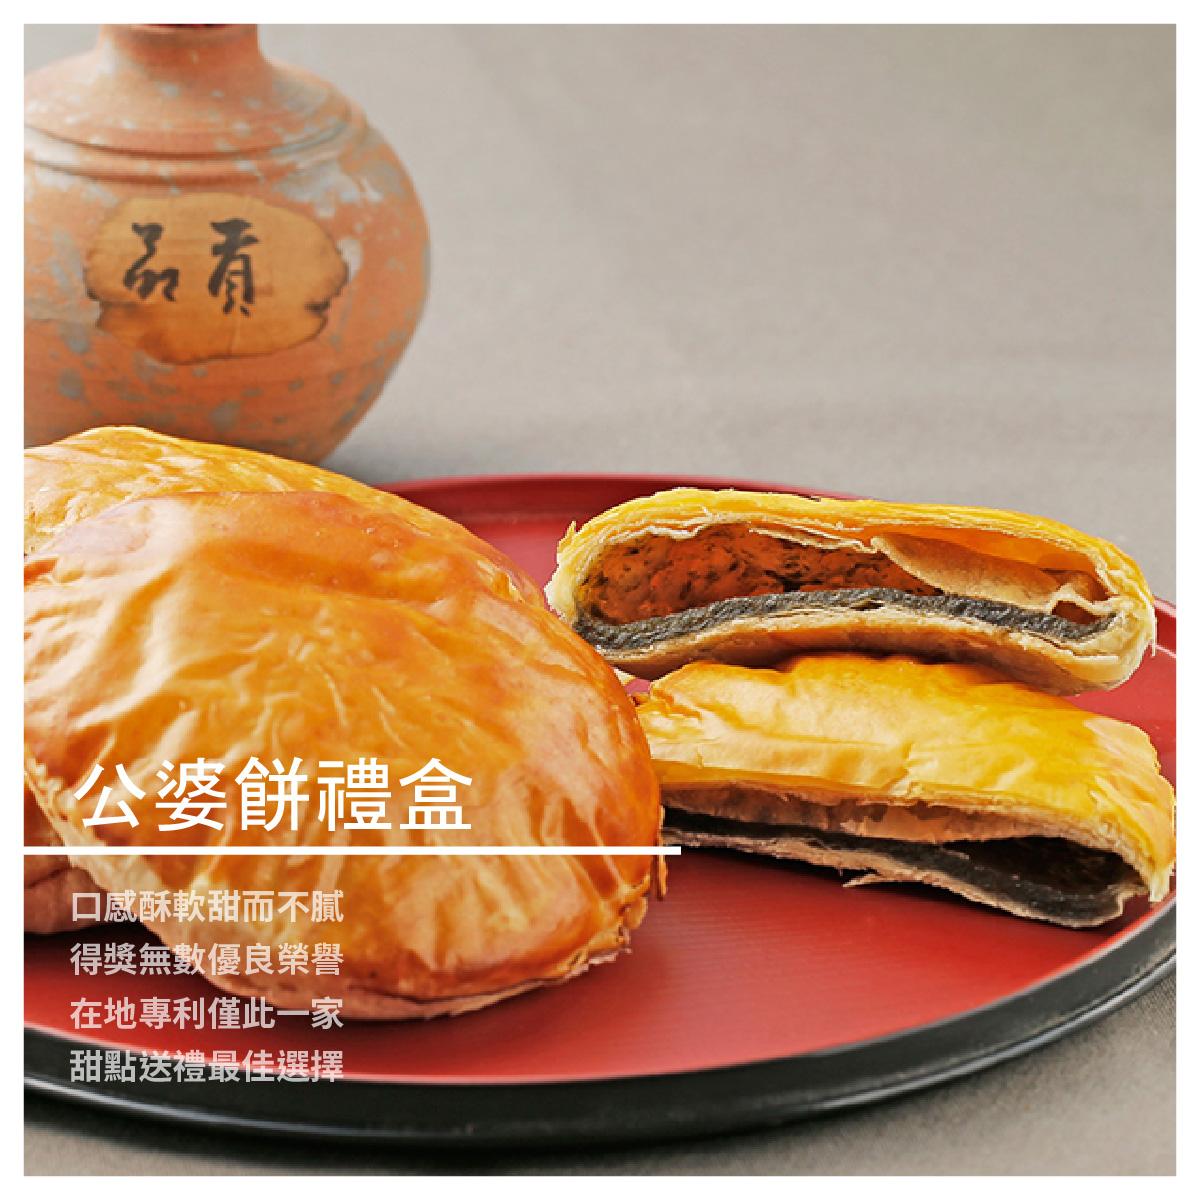 【卡但屋餅店】公婆餅禮盒/12入/三款口味